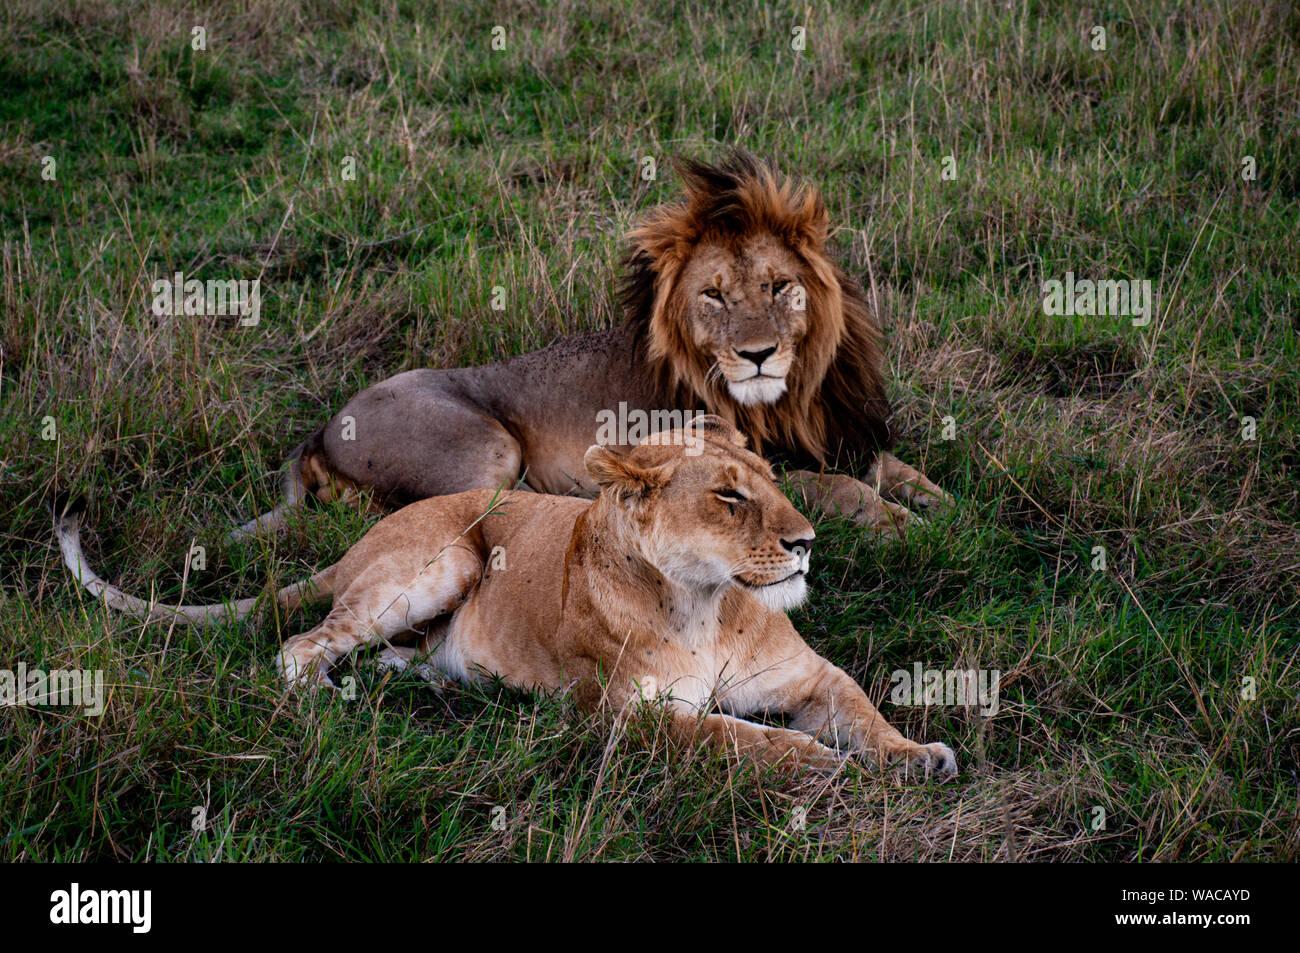 Löwen-Paar (Löwen-Pärchen) liegt zusammen träumend in der Masai Mara, Löwe schaut direkt in die Kamera Stock Photo